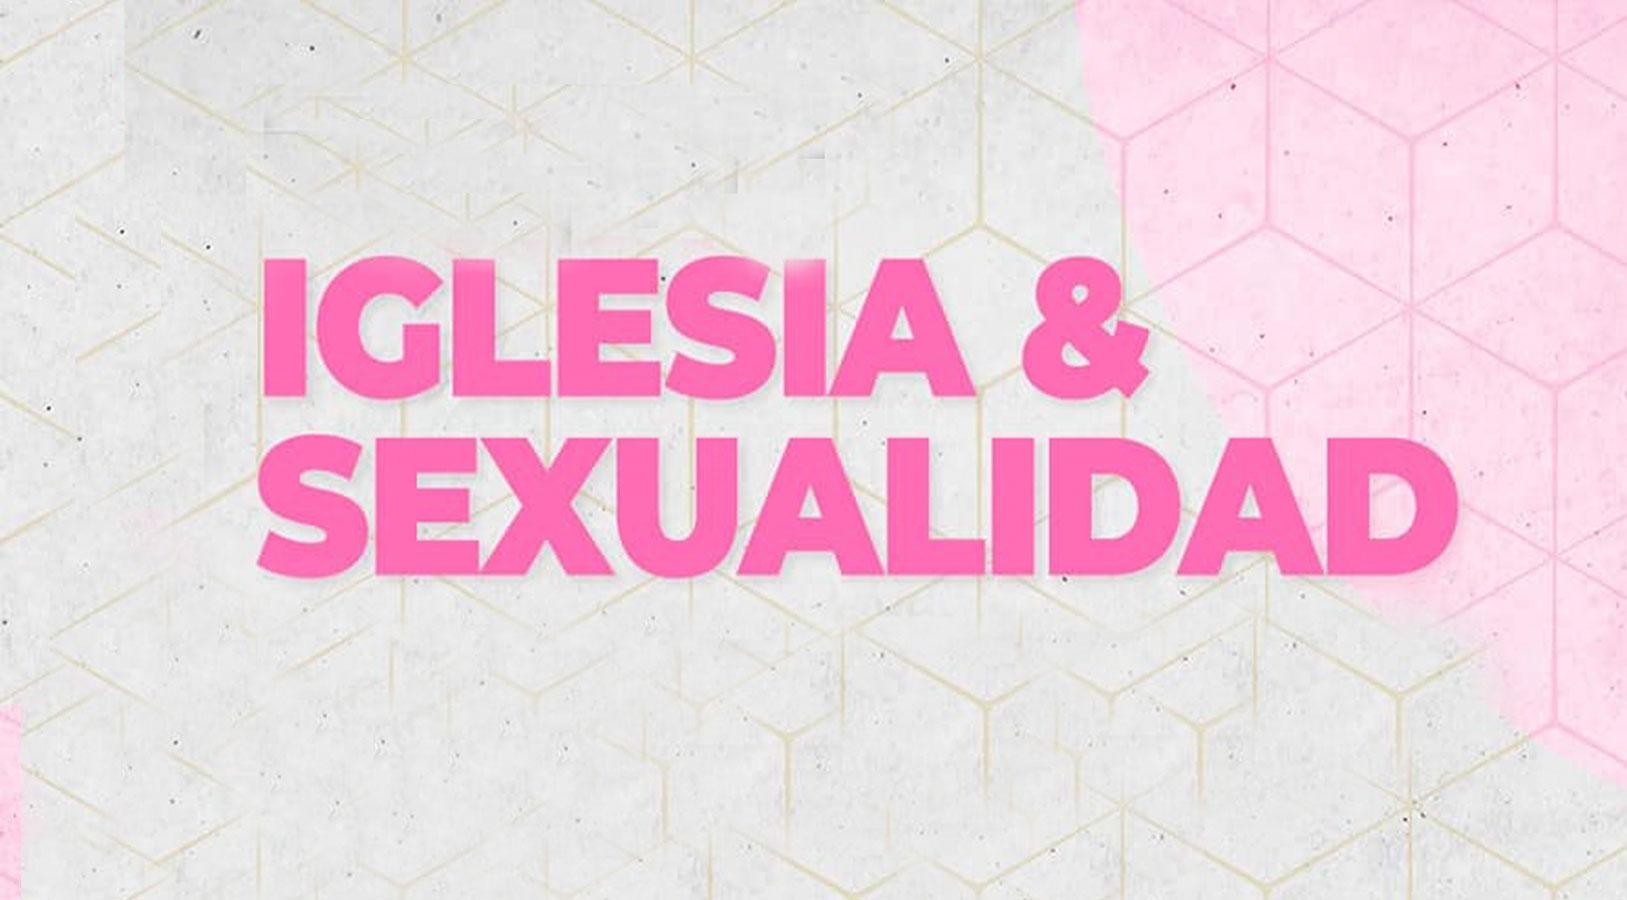 curso-cristiano-sexualidad-iglesia